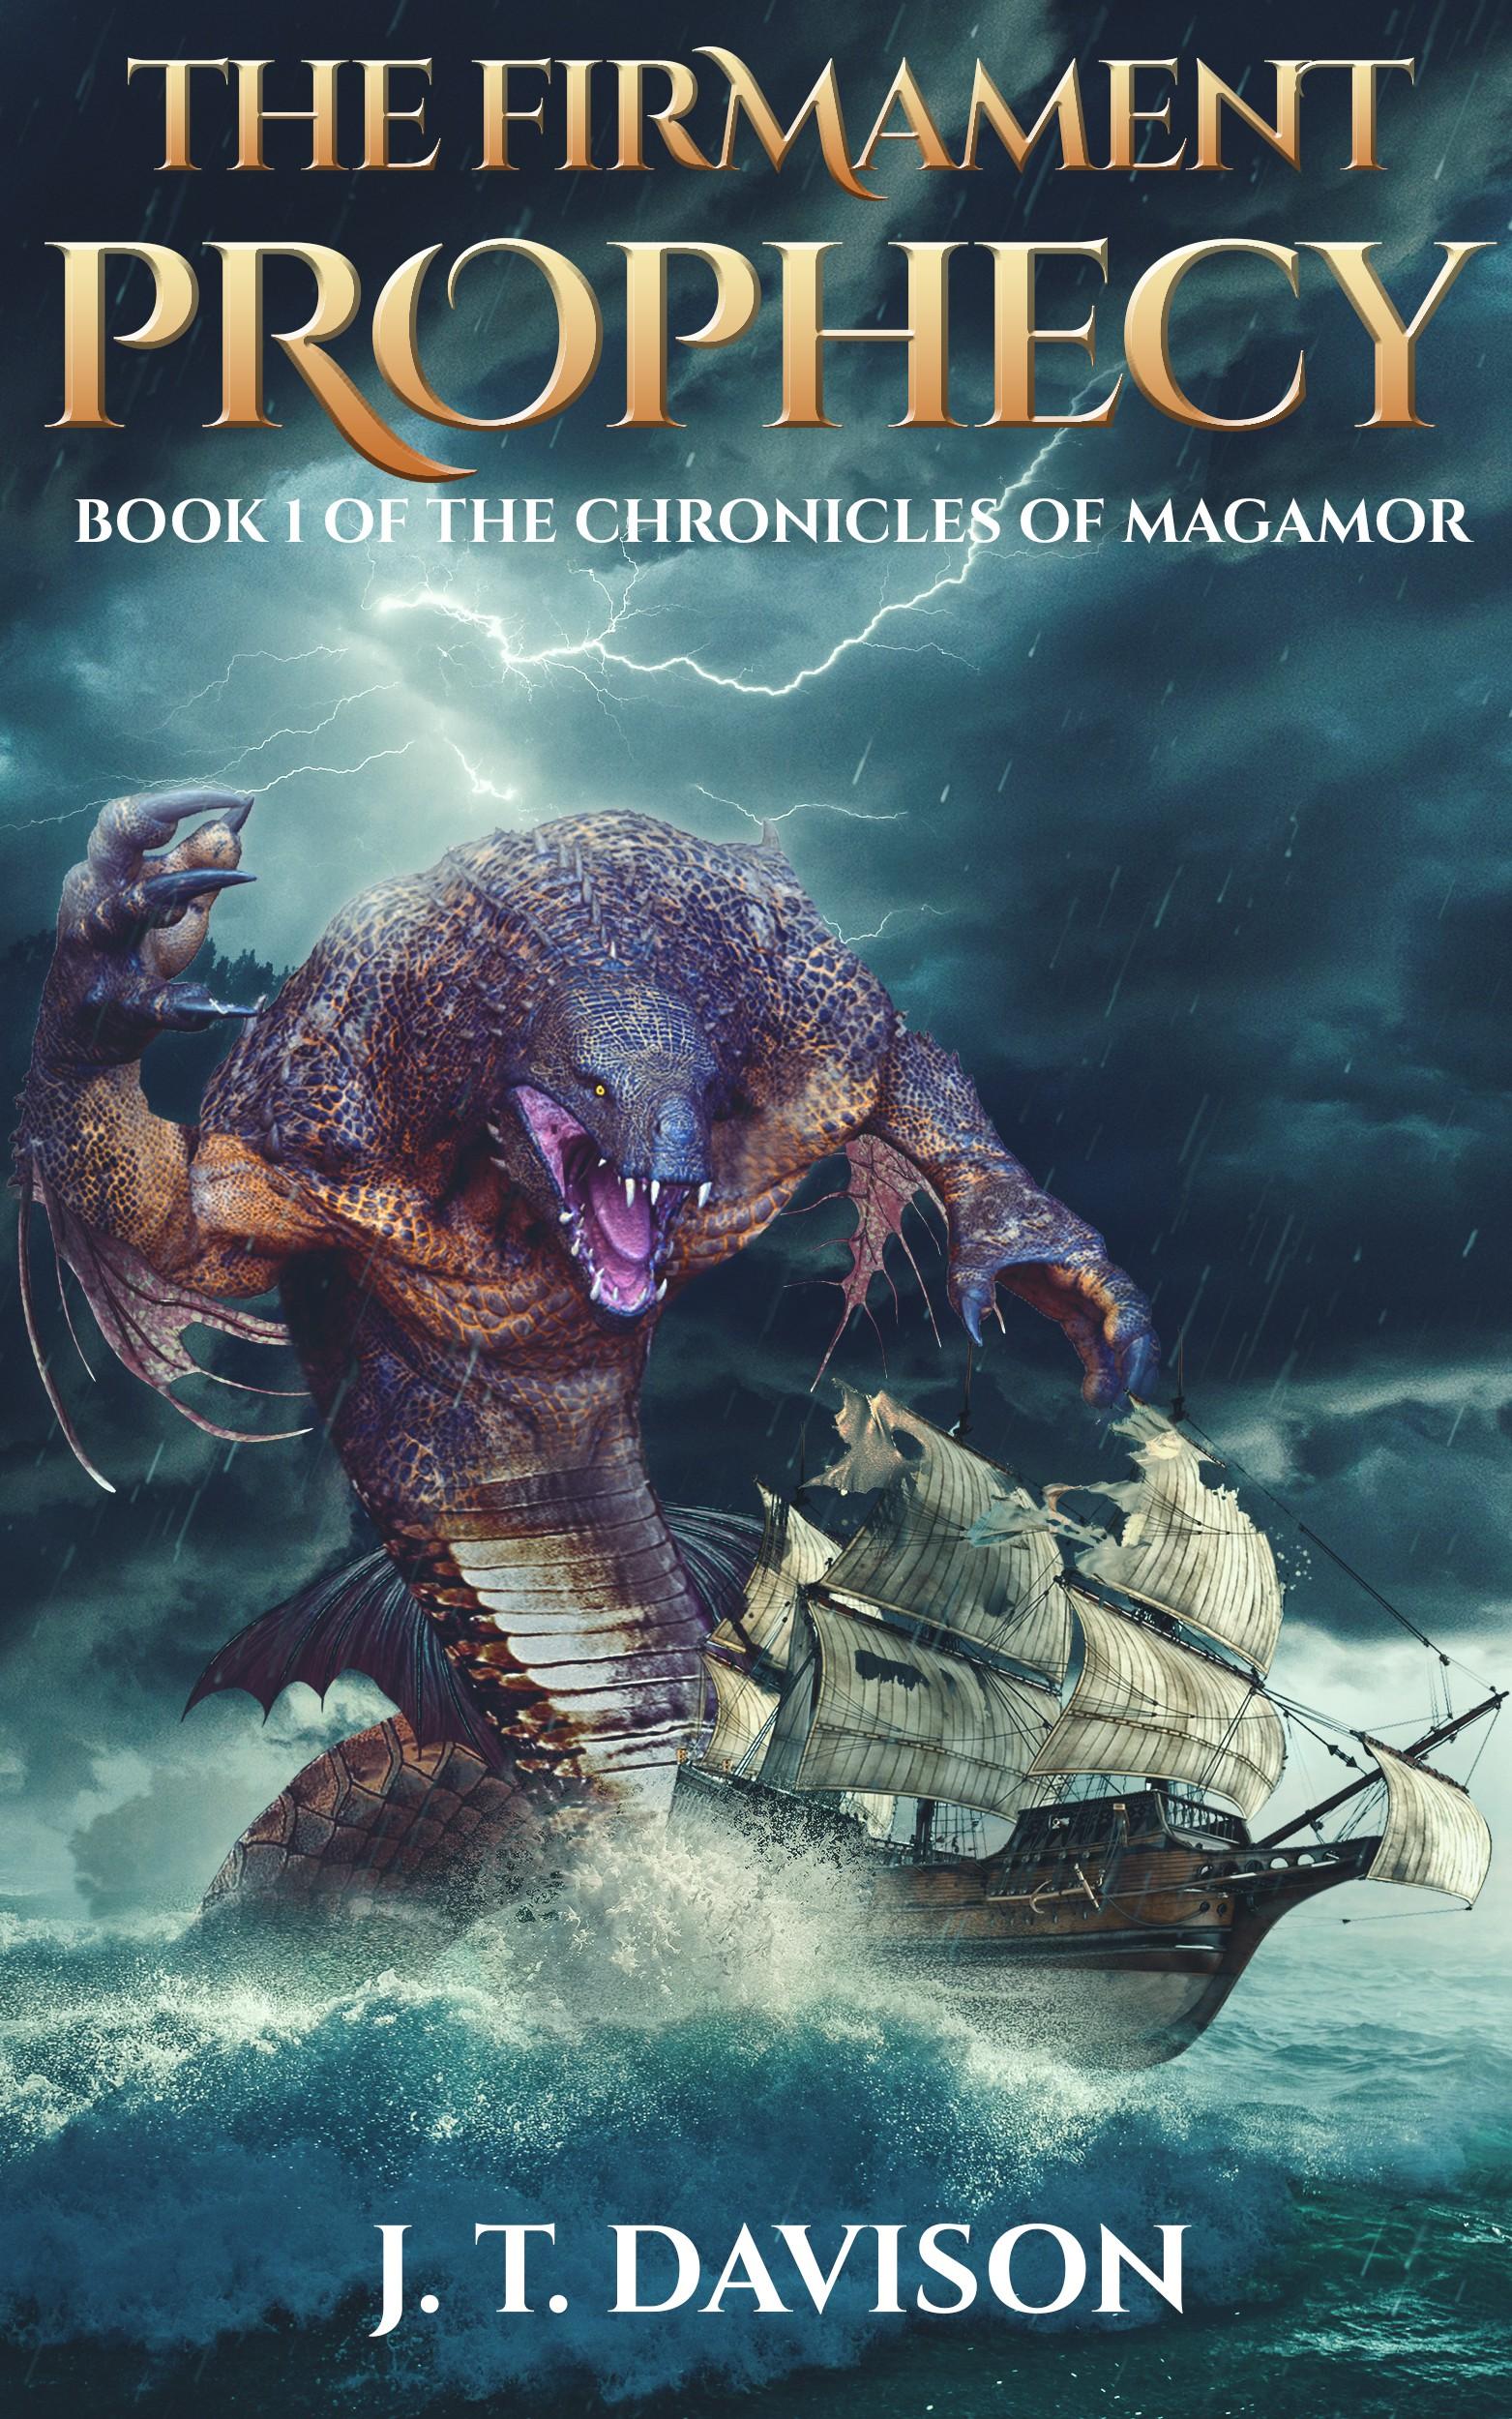 Design Sea Serpent for a Fantasy Book Cover